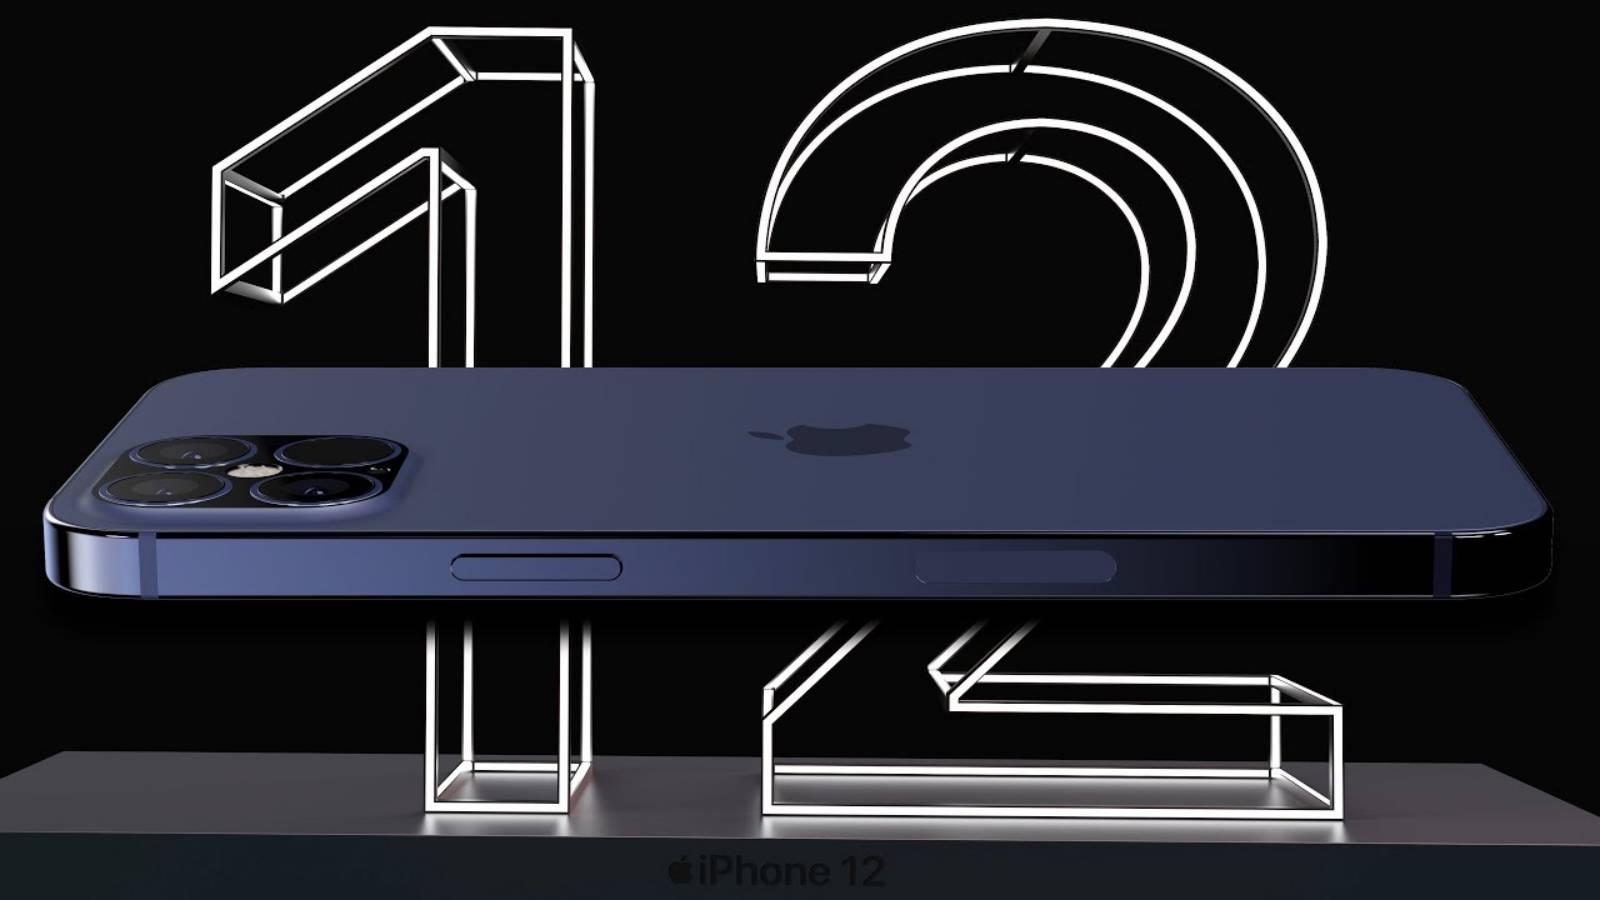 iPhone 12 modele noi machete